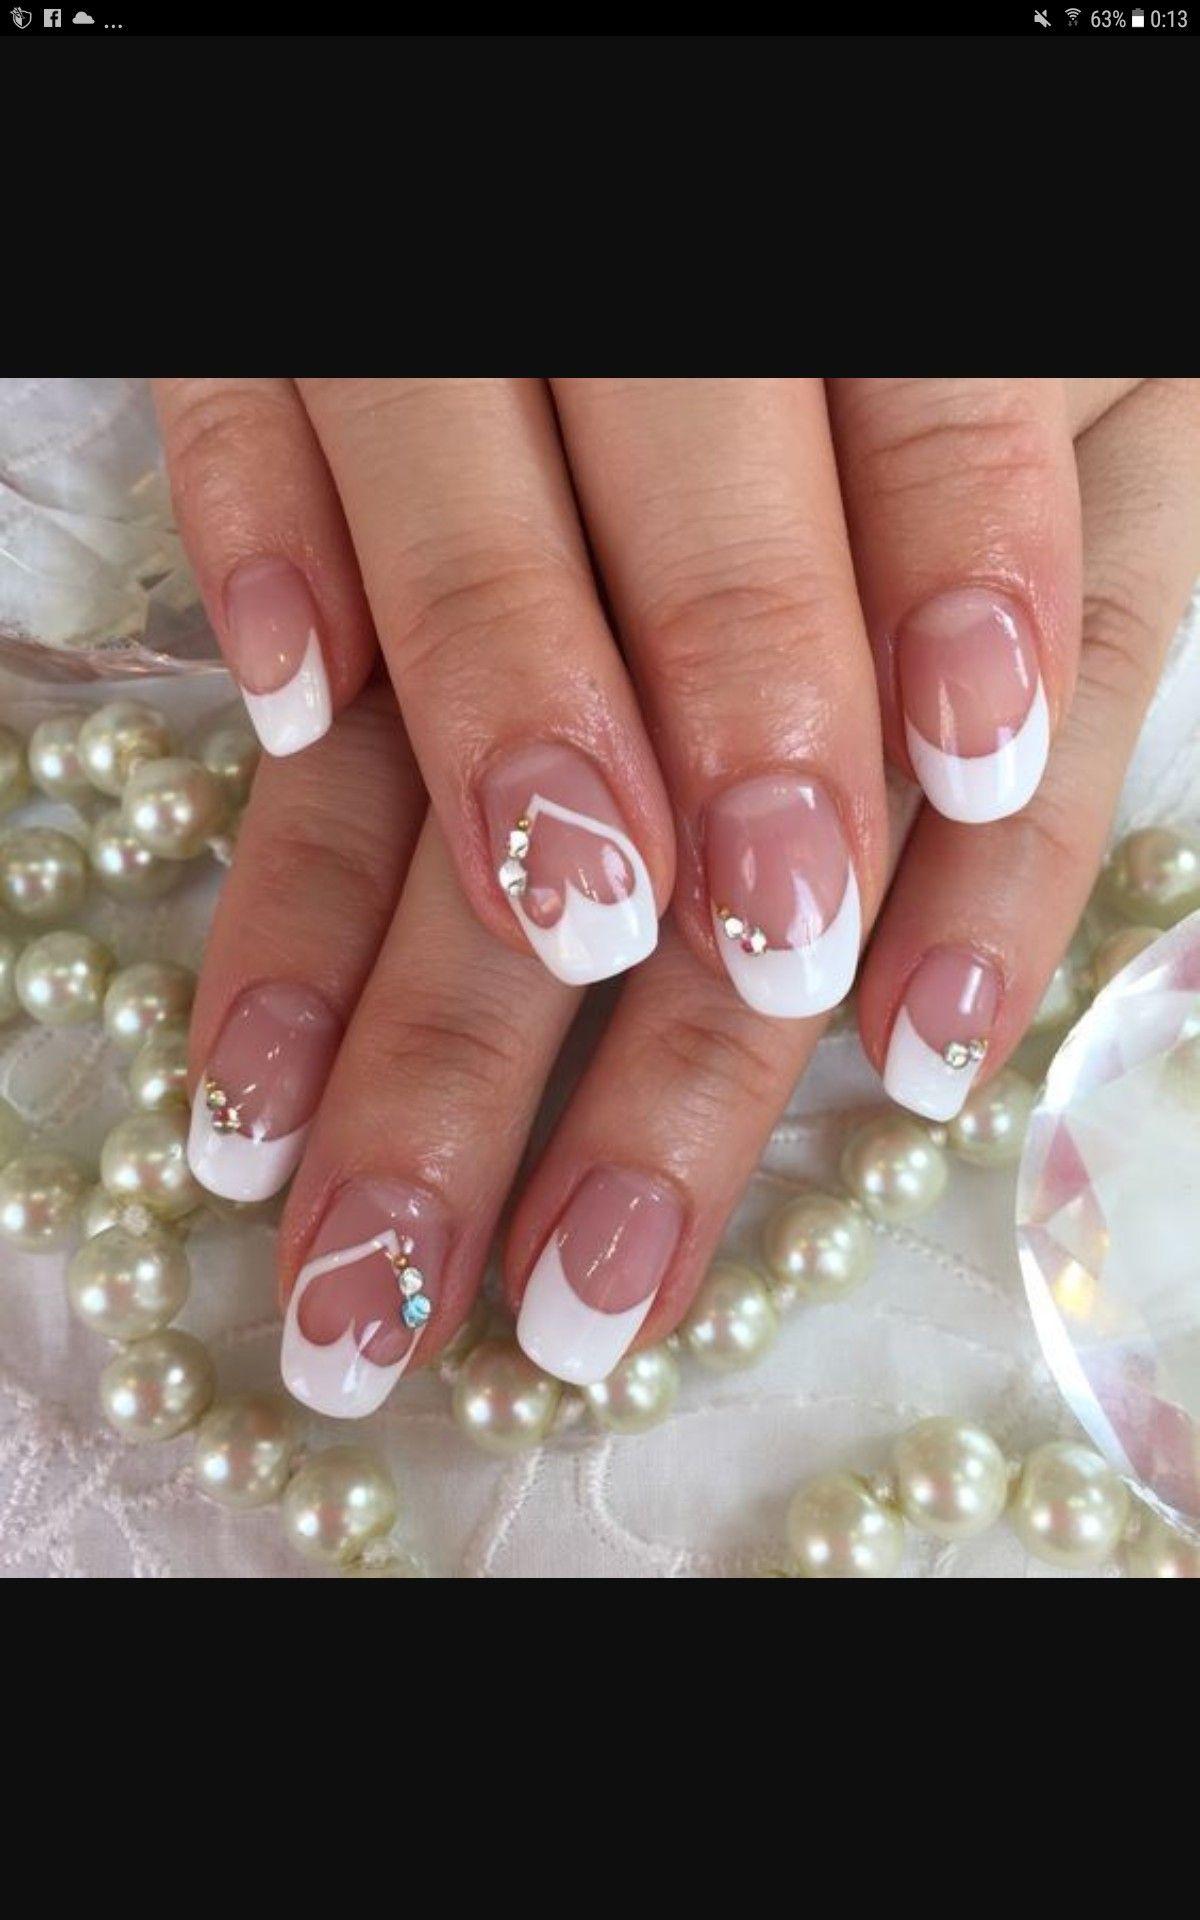 Pin by Sara Kochendorfer on nails | Pinterest | Spring nails ...